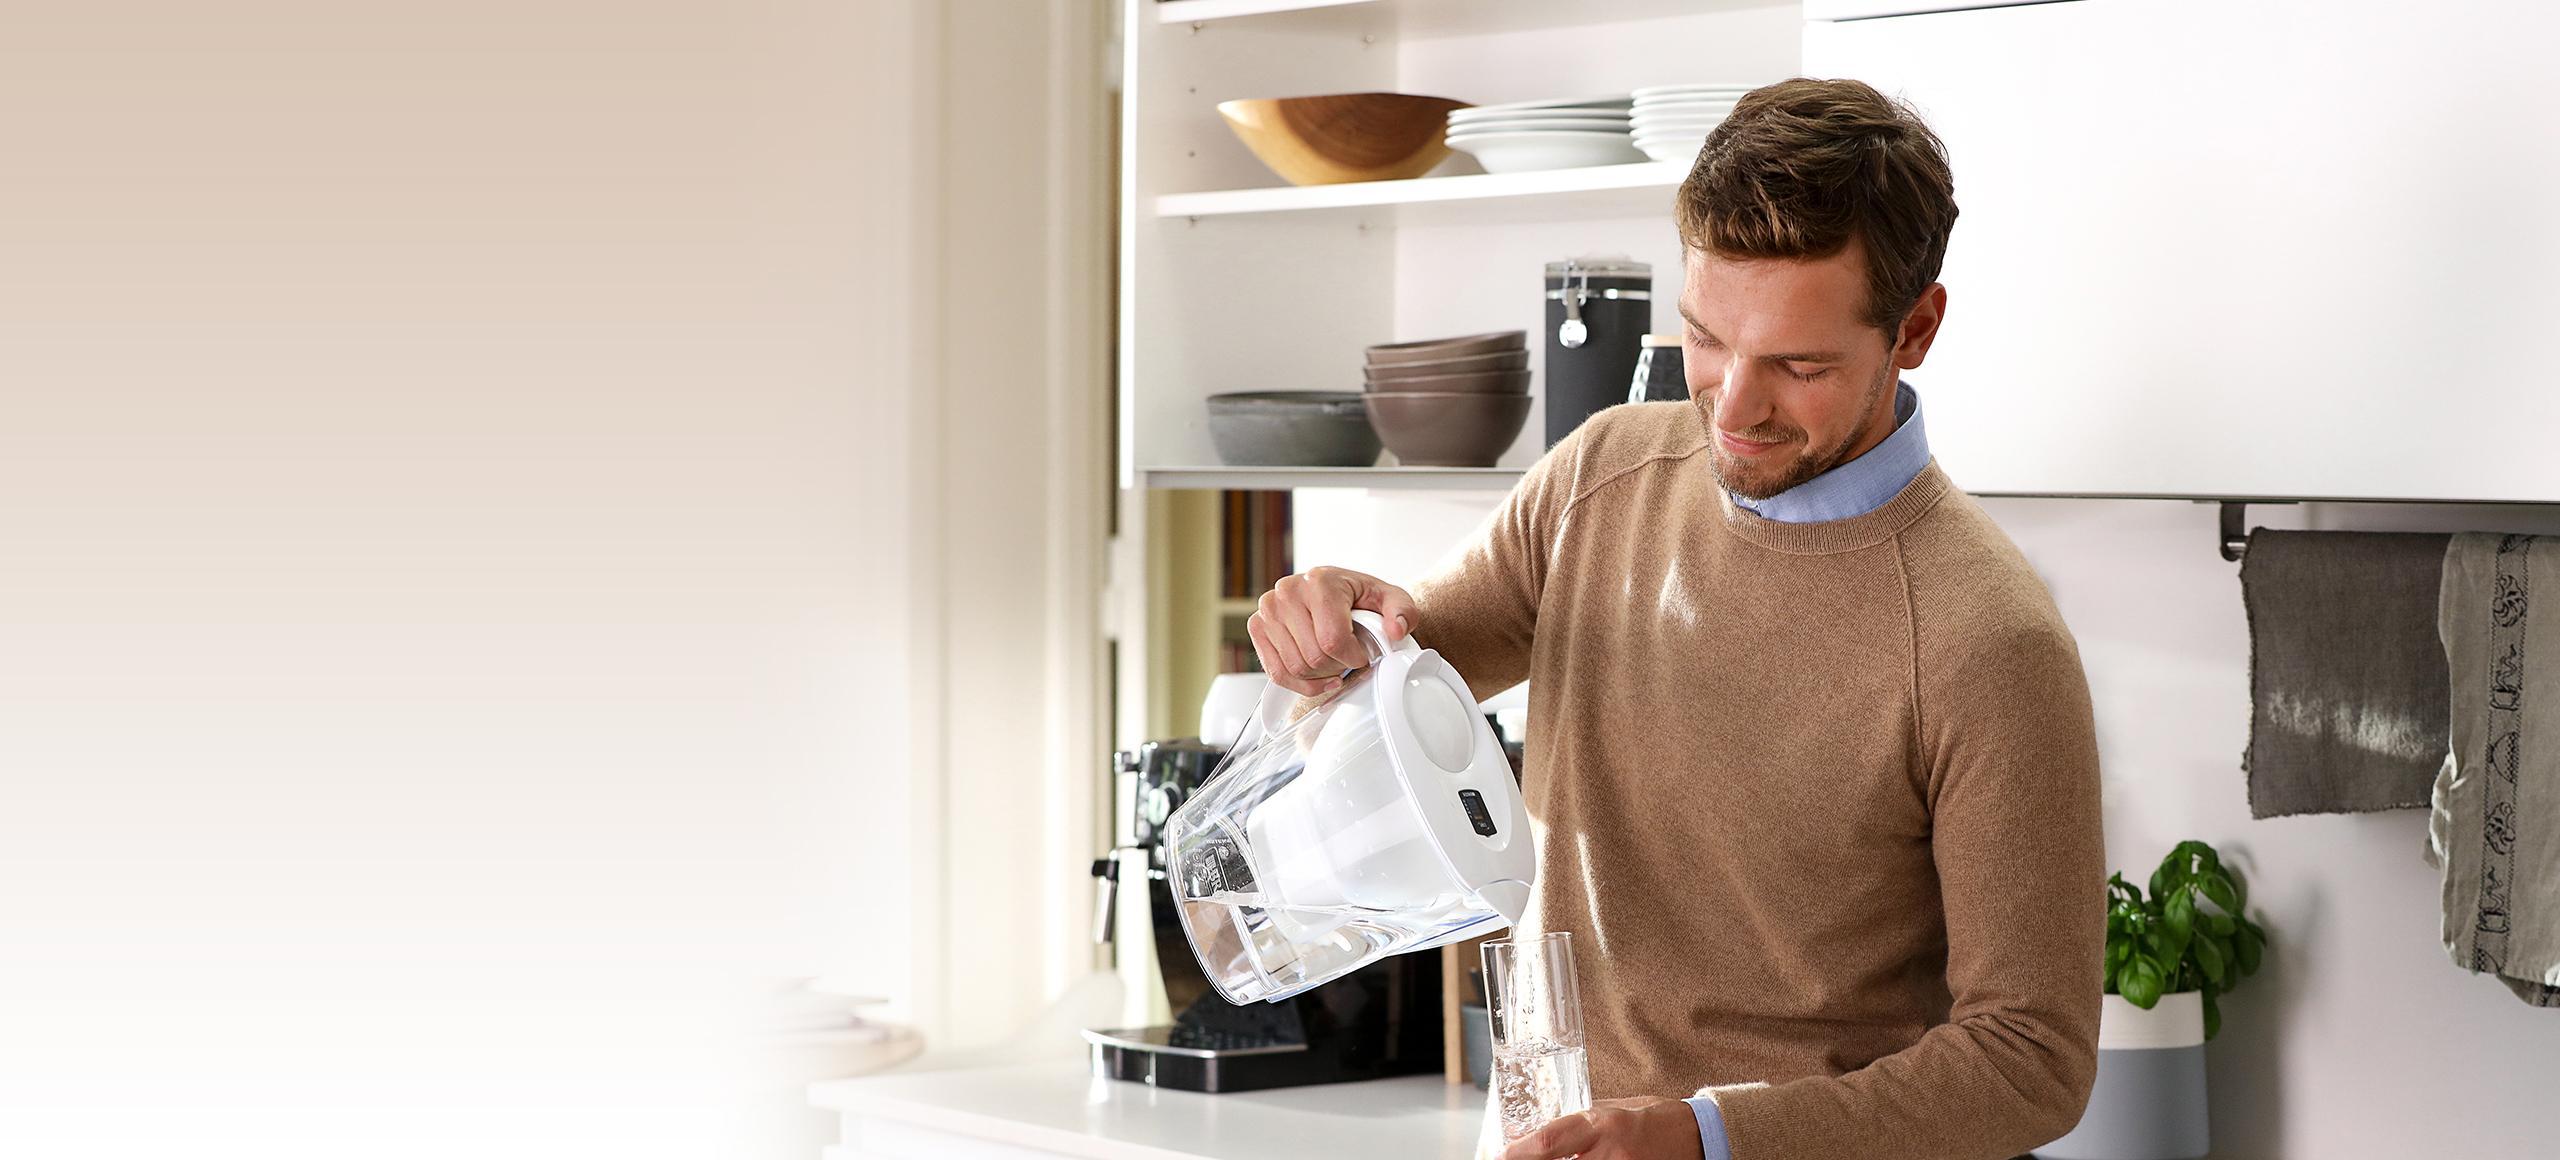 Homme dans la cuisine qui utilise une carafe filt